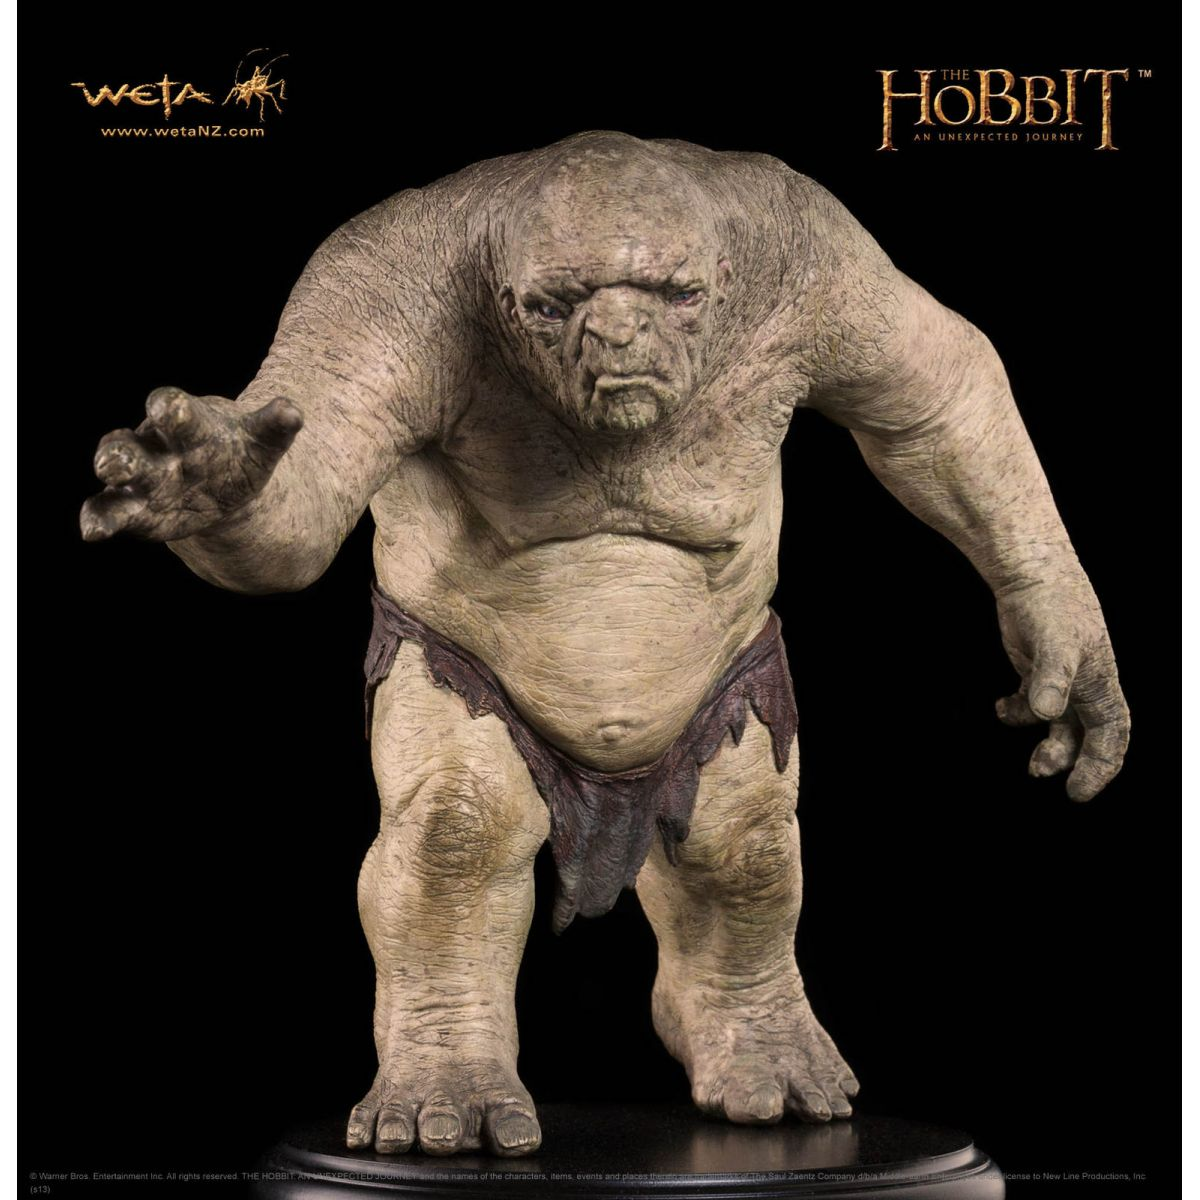 Estátua William the Troll: O Hobbit: Uma Jornada Inesperada - Weta - CD